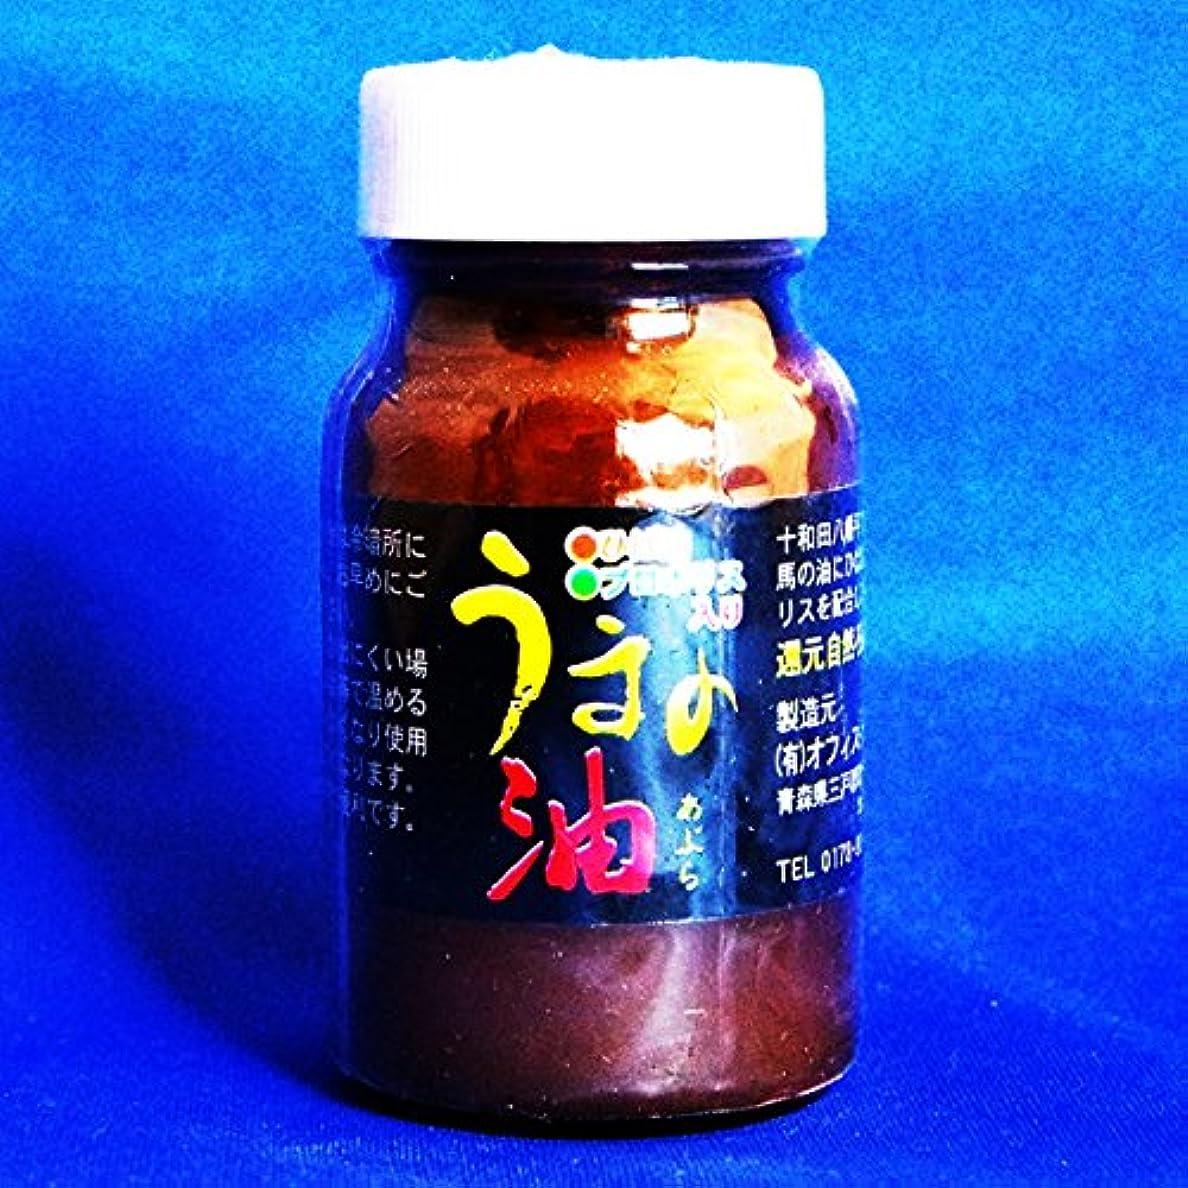 公診療所腰青森県産 プロポリス 配合 うまの油50ml(白キャップ)